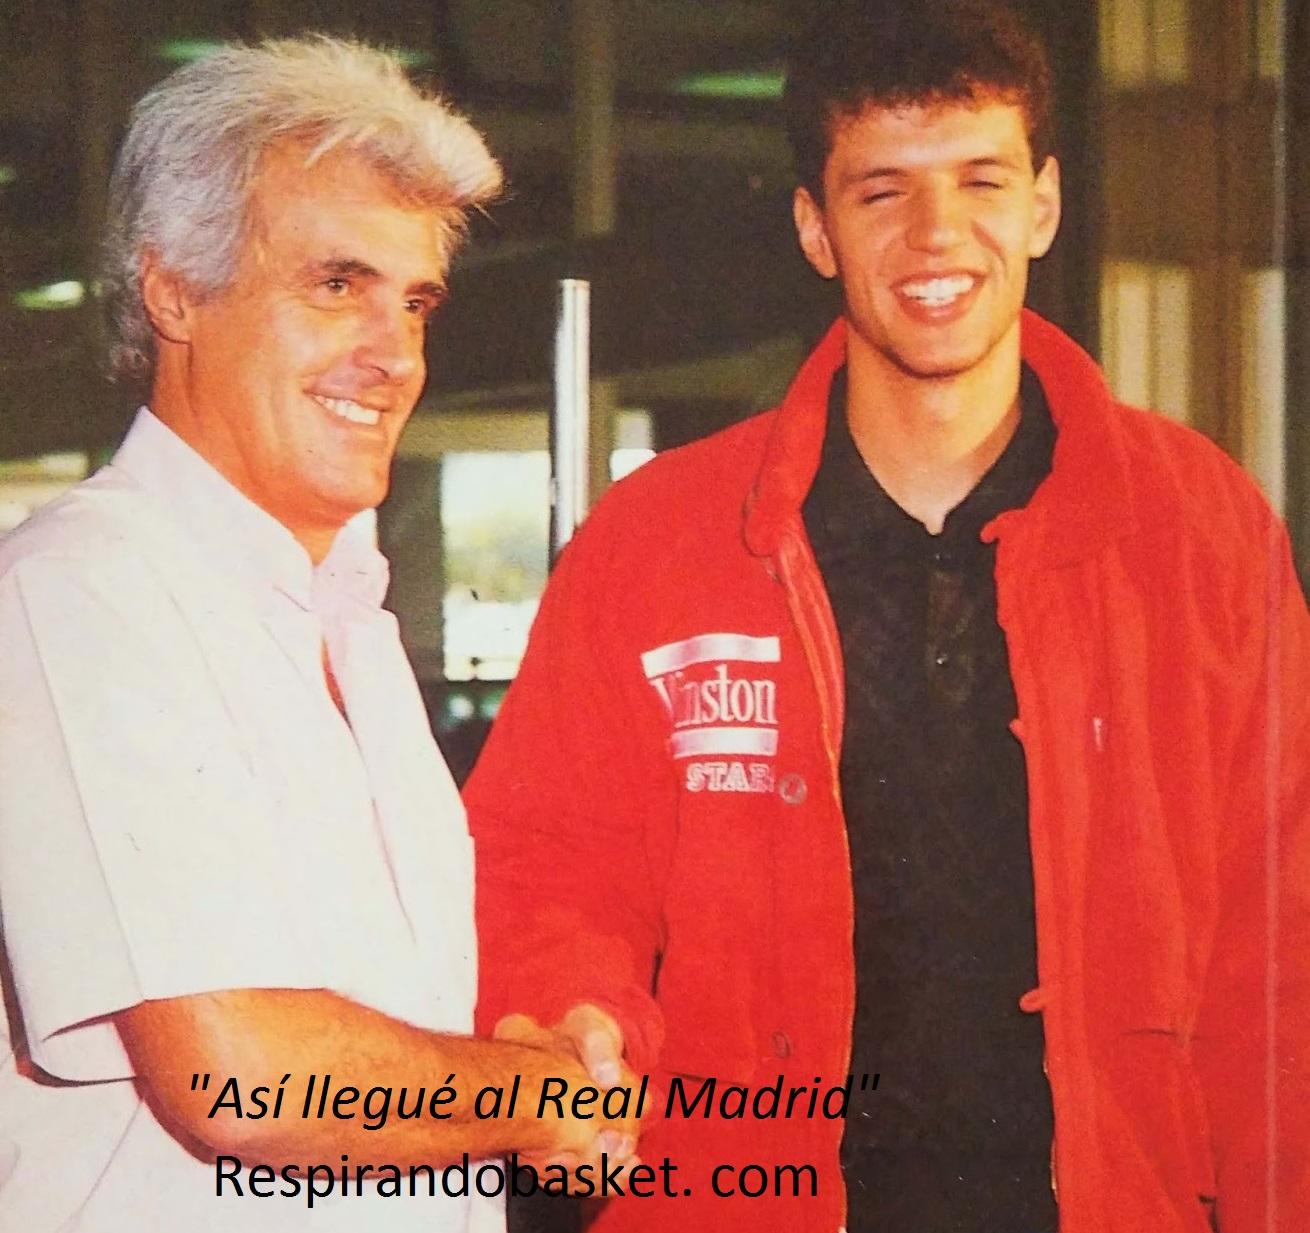 599deaaa5 El 27 de octubre de 1986 Drazen Petrovic estaba superado por los  acontecimientos. Solo unos días antes se imaginaba vestido con la camiseta  del Barcelona.